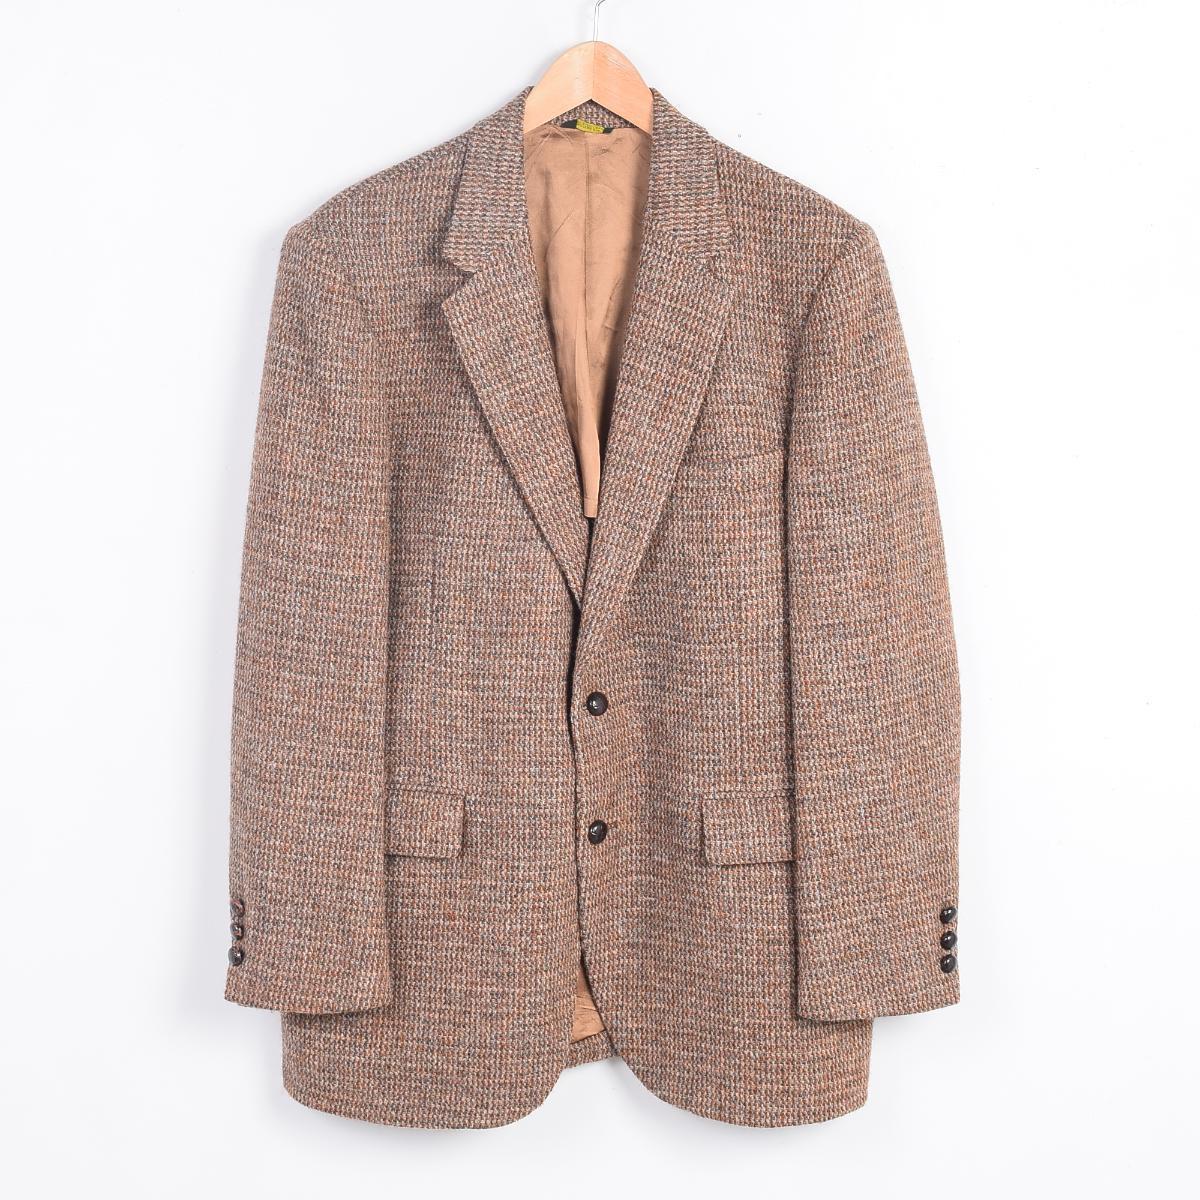 80年代 ハリスツイード USA製 ウールテーラードジャケット メンズM ヴィンテージ Harris Tweed /wey0161 【中古】 【170114】